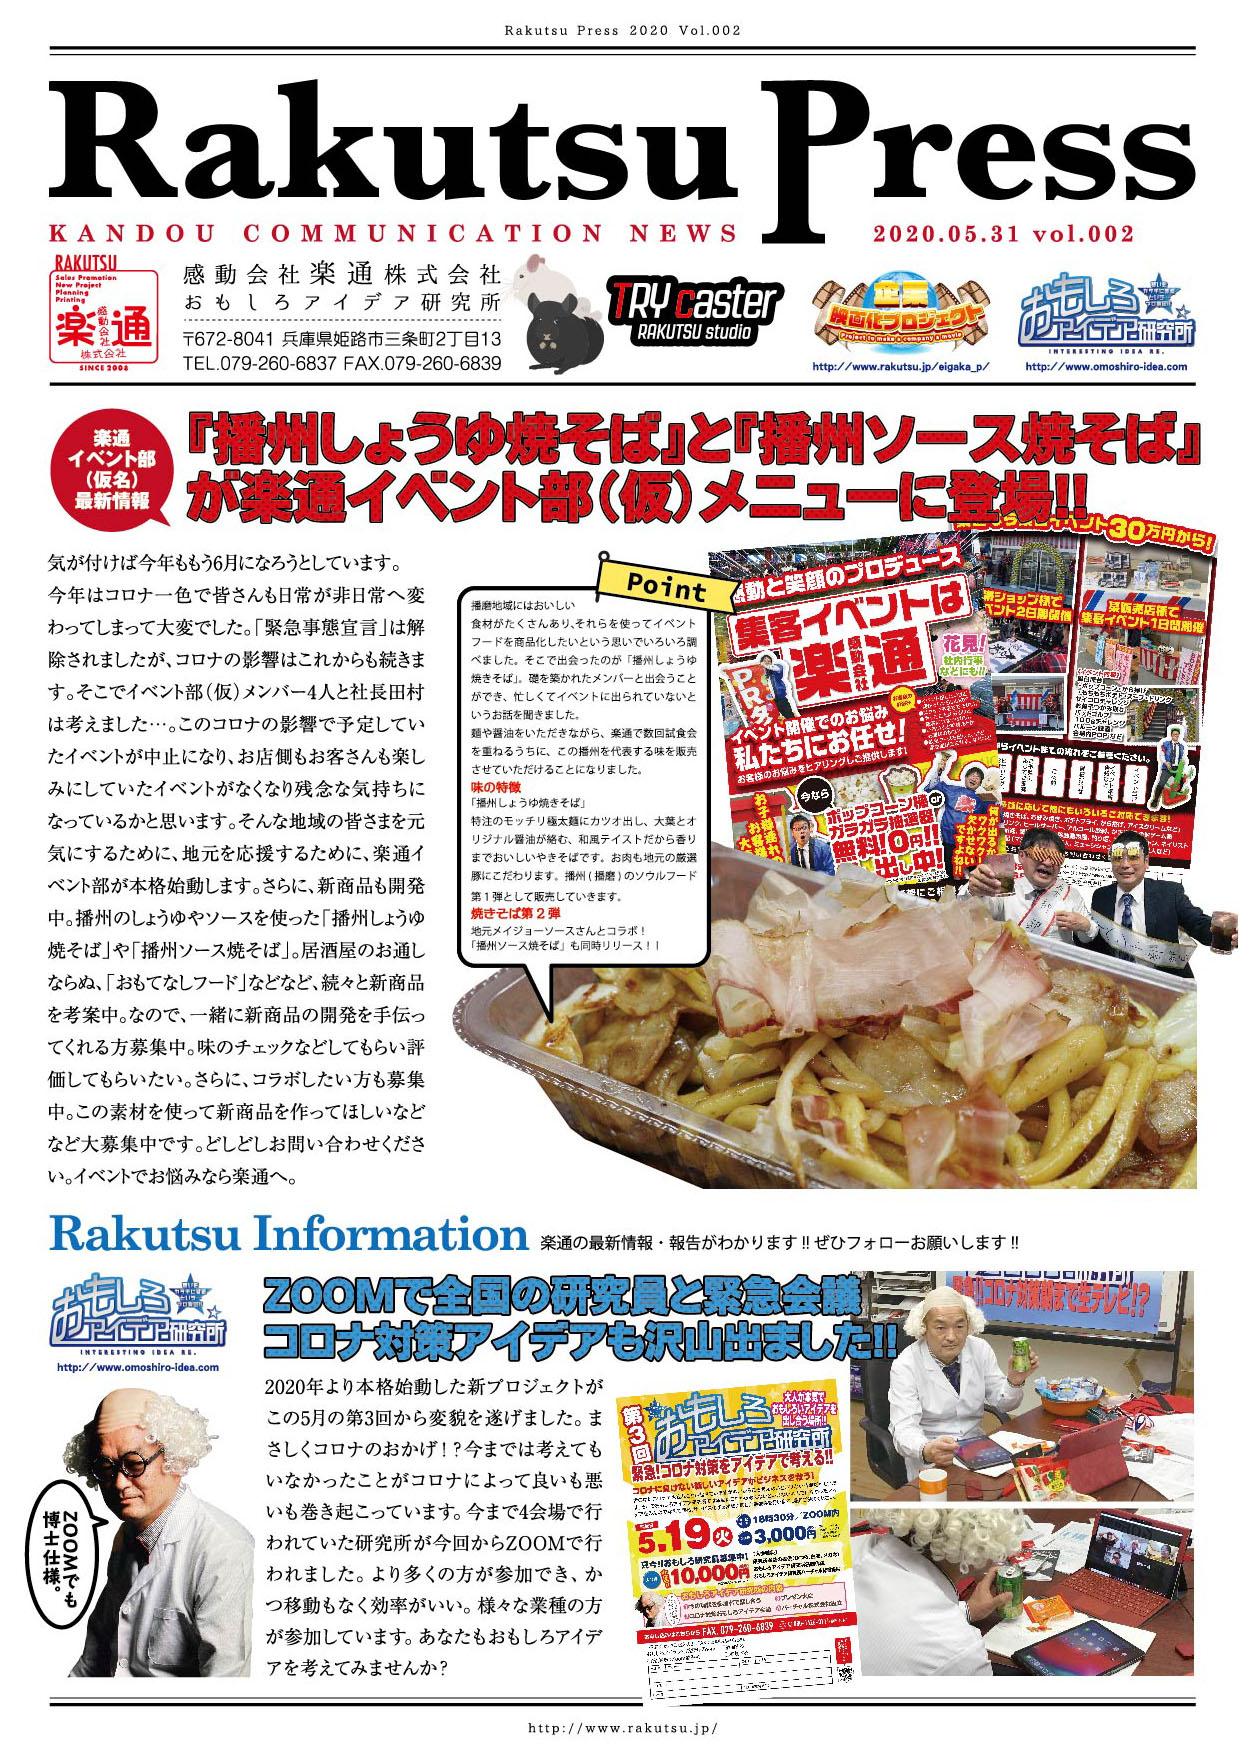 Rakutsu Press 001 表